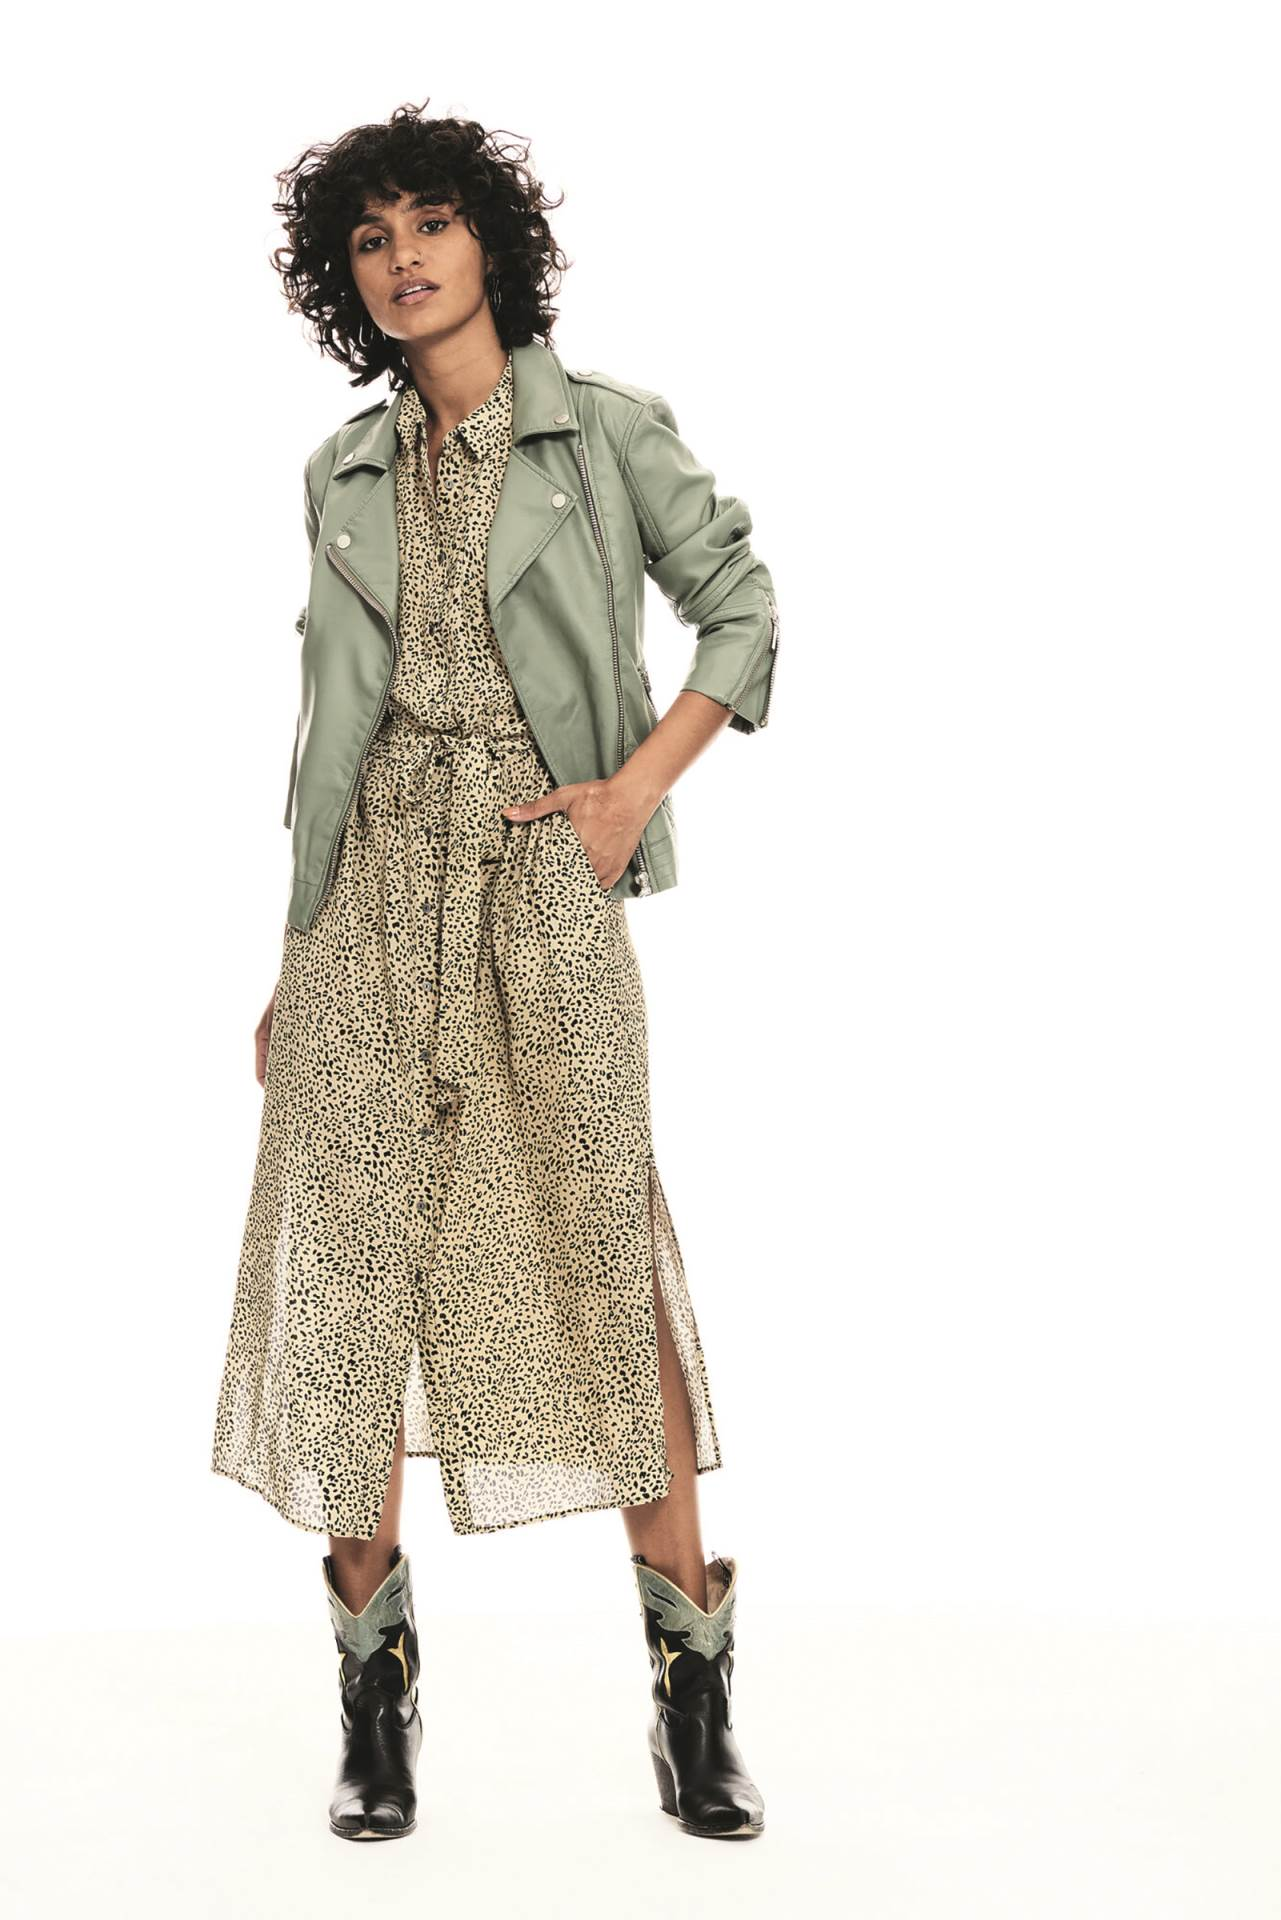 Kruna Mode, haljina Garcia, 539 kn (cijena bez popusta, popust se obračunava prilikom kupnje